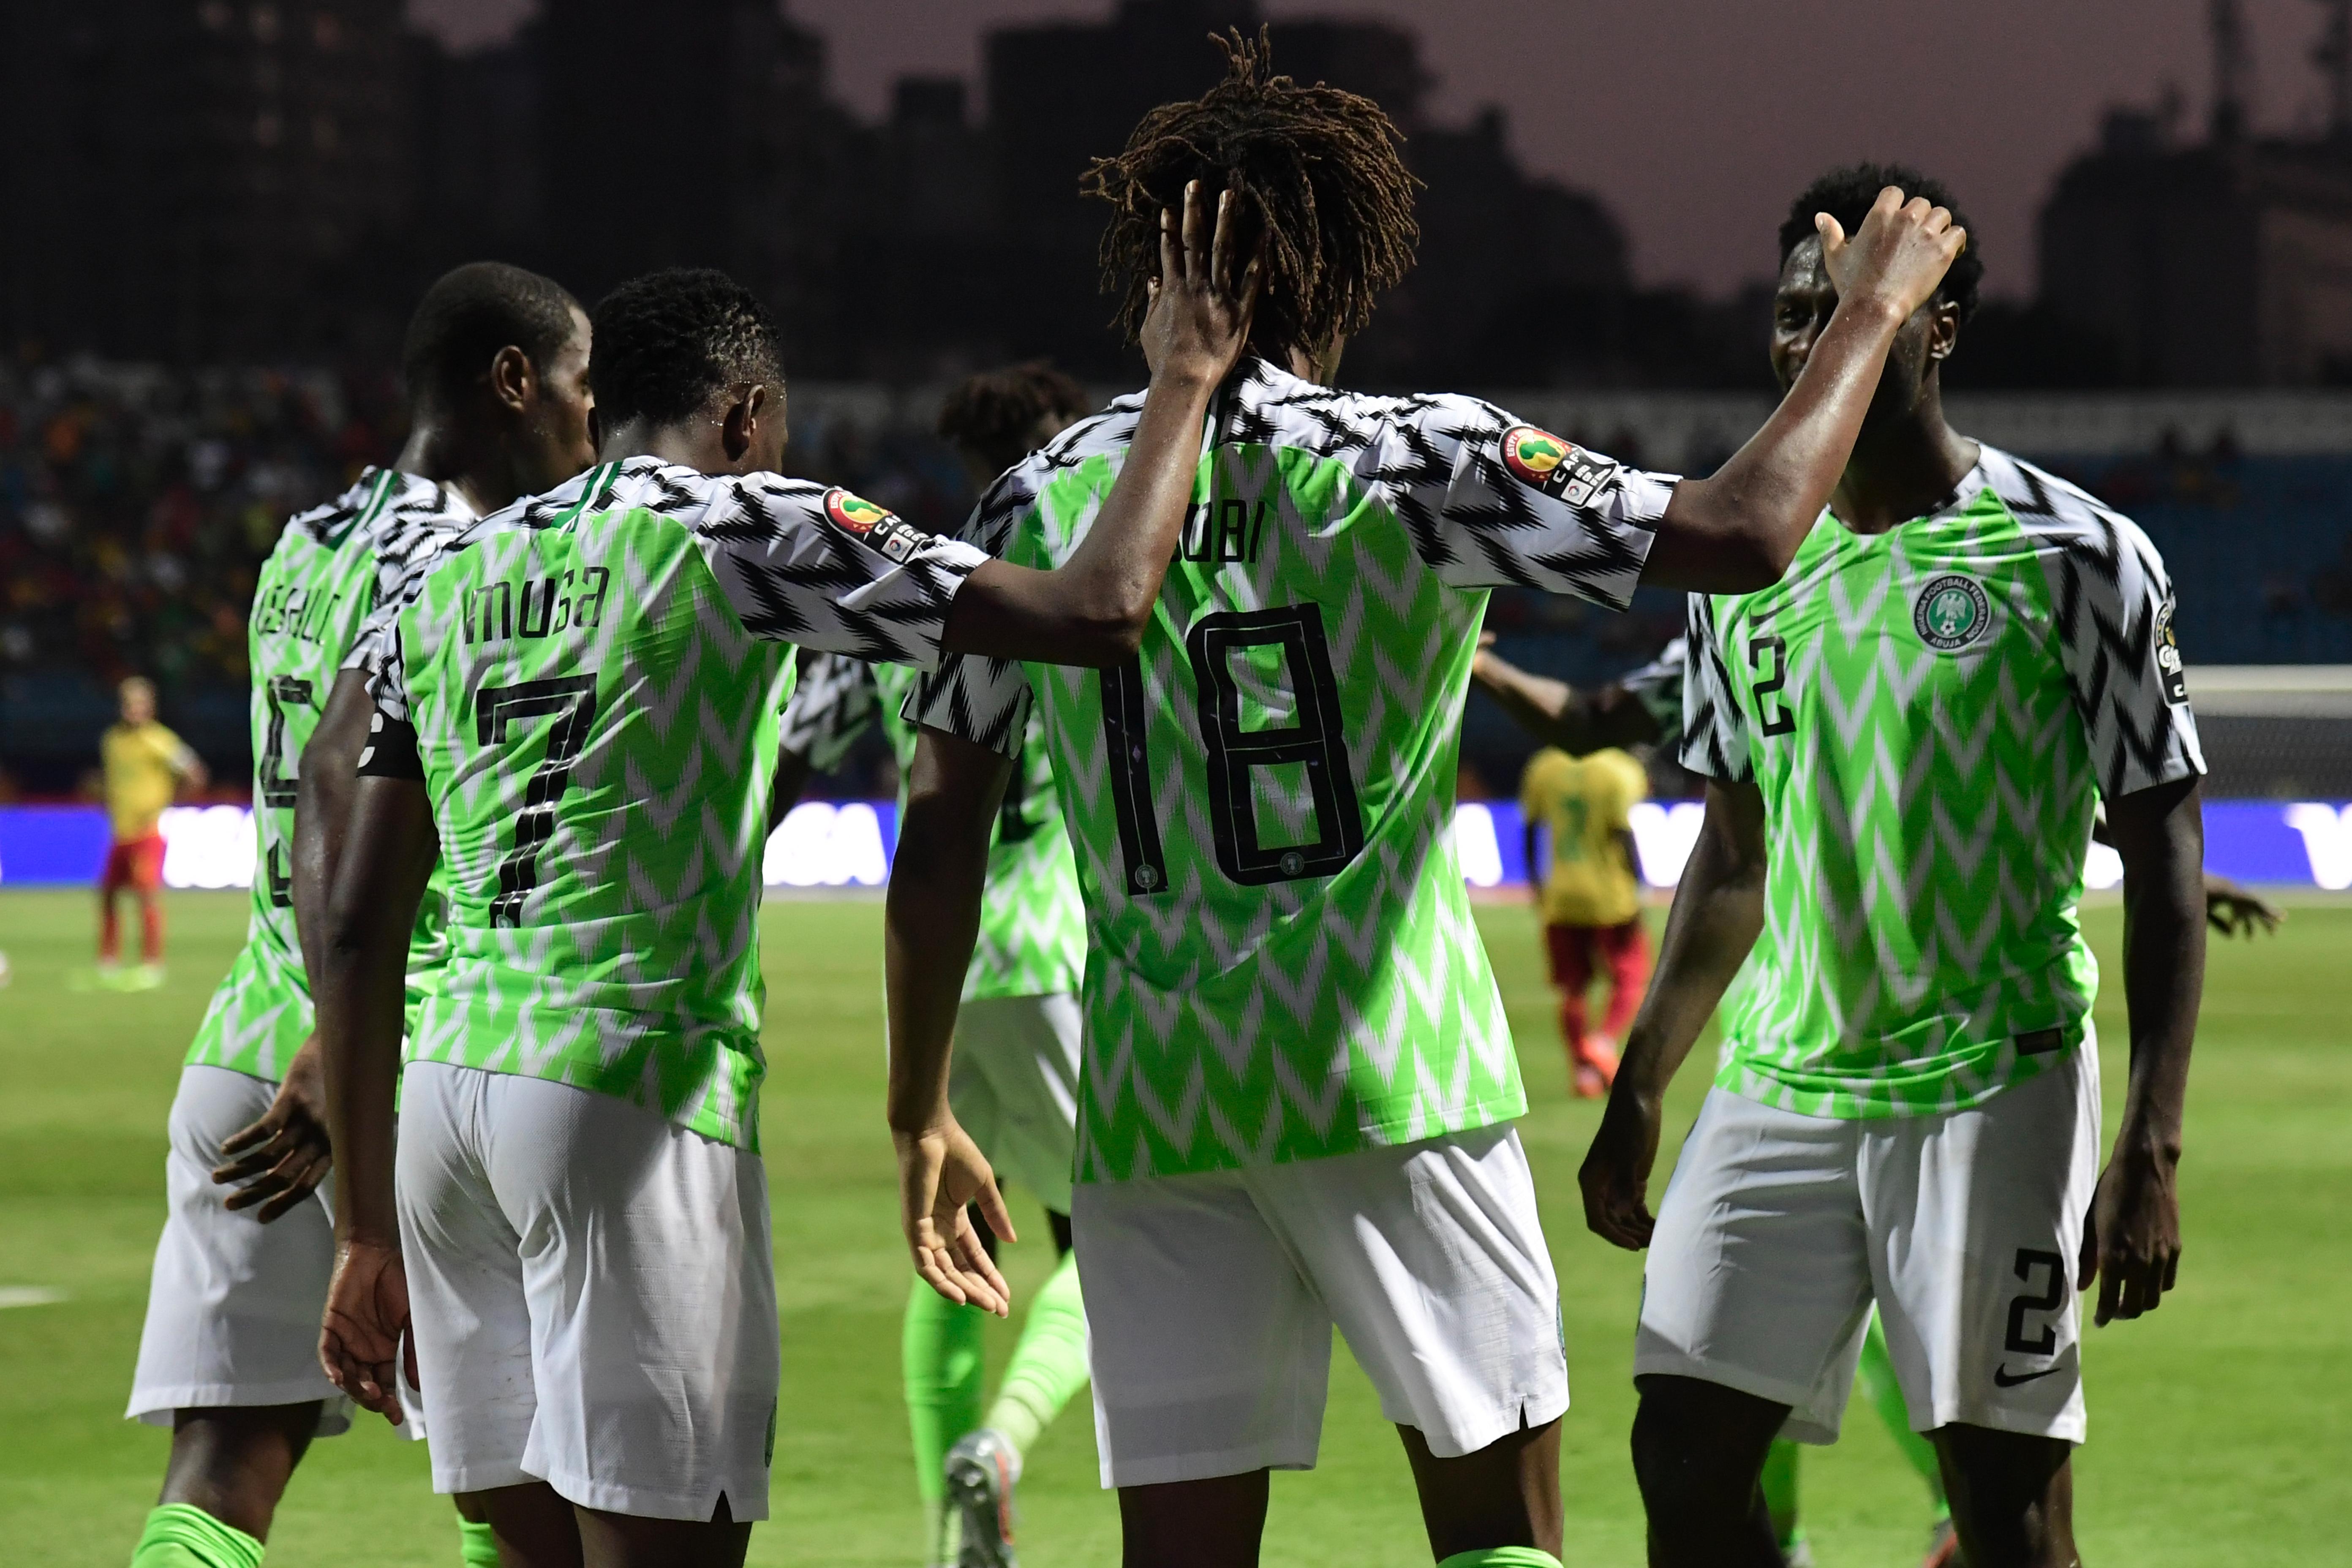 لاعبو النيجر يقتطعون تأشيرة ربع نهائي كان 2019